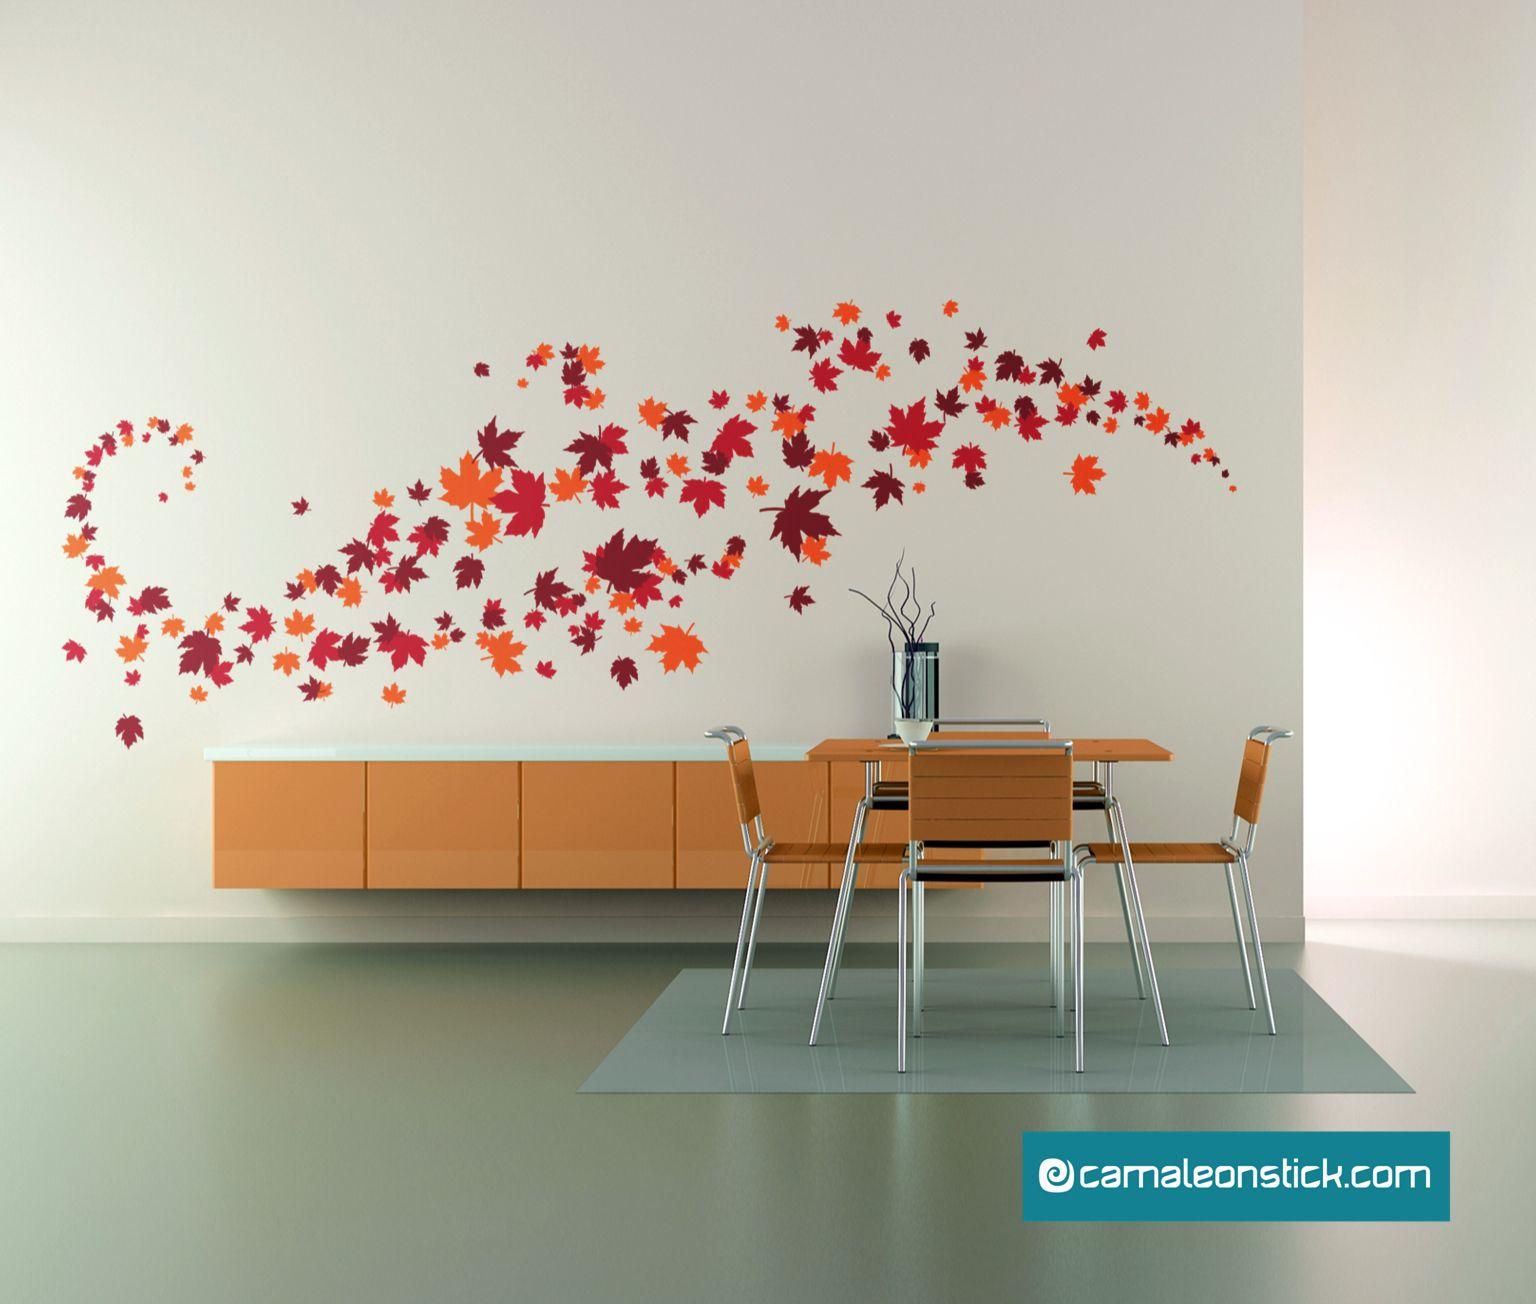 É arrivato l'autunno! Scalda l'ambiente di casa con i colori dell'adesivo per pareti foglie d'acero